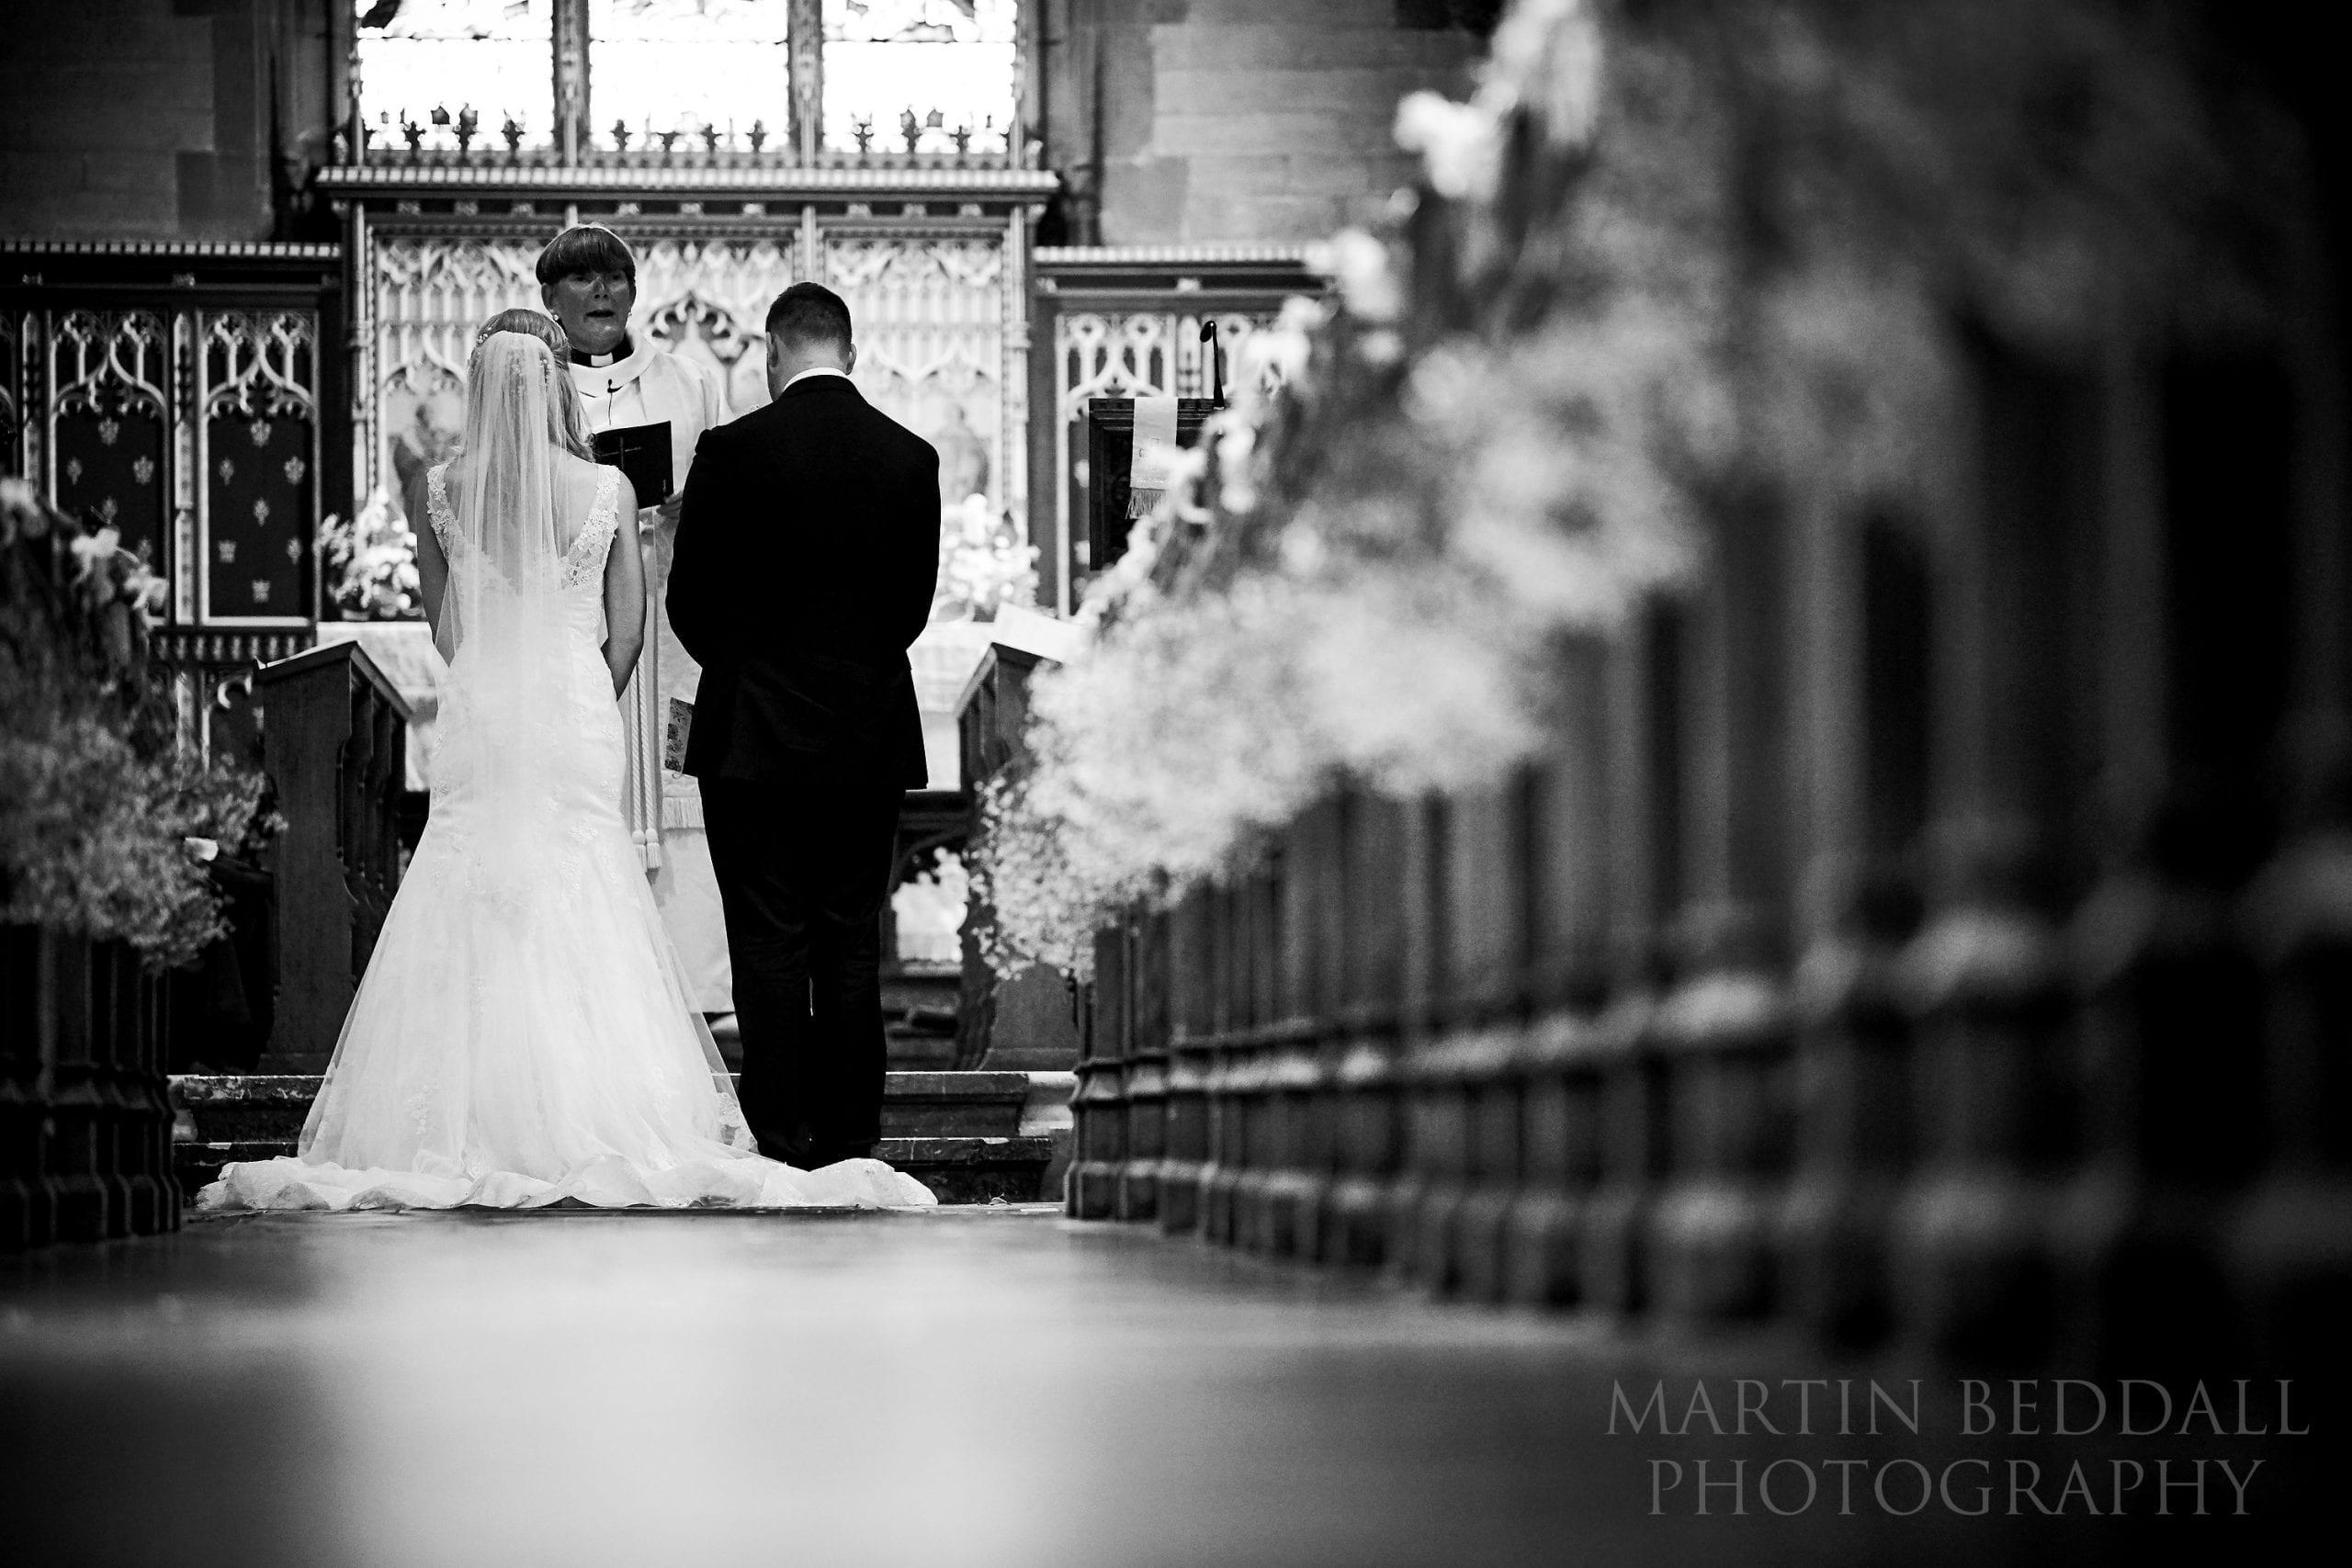 Wedding ceremony at Warnham church in West Sussex